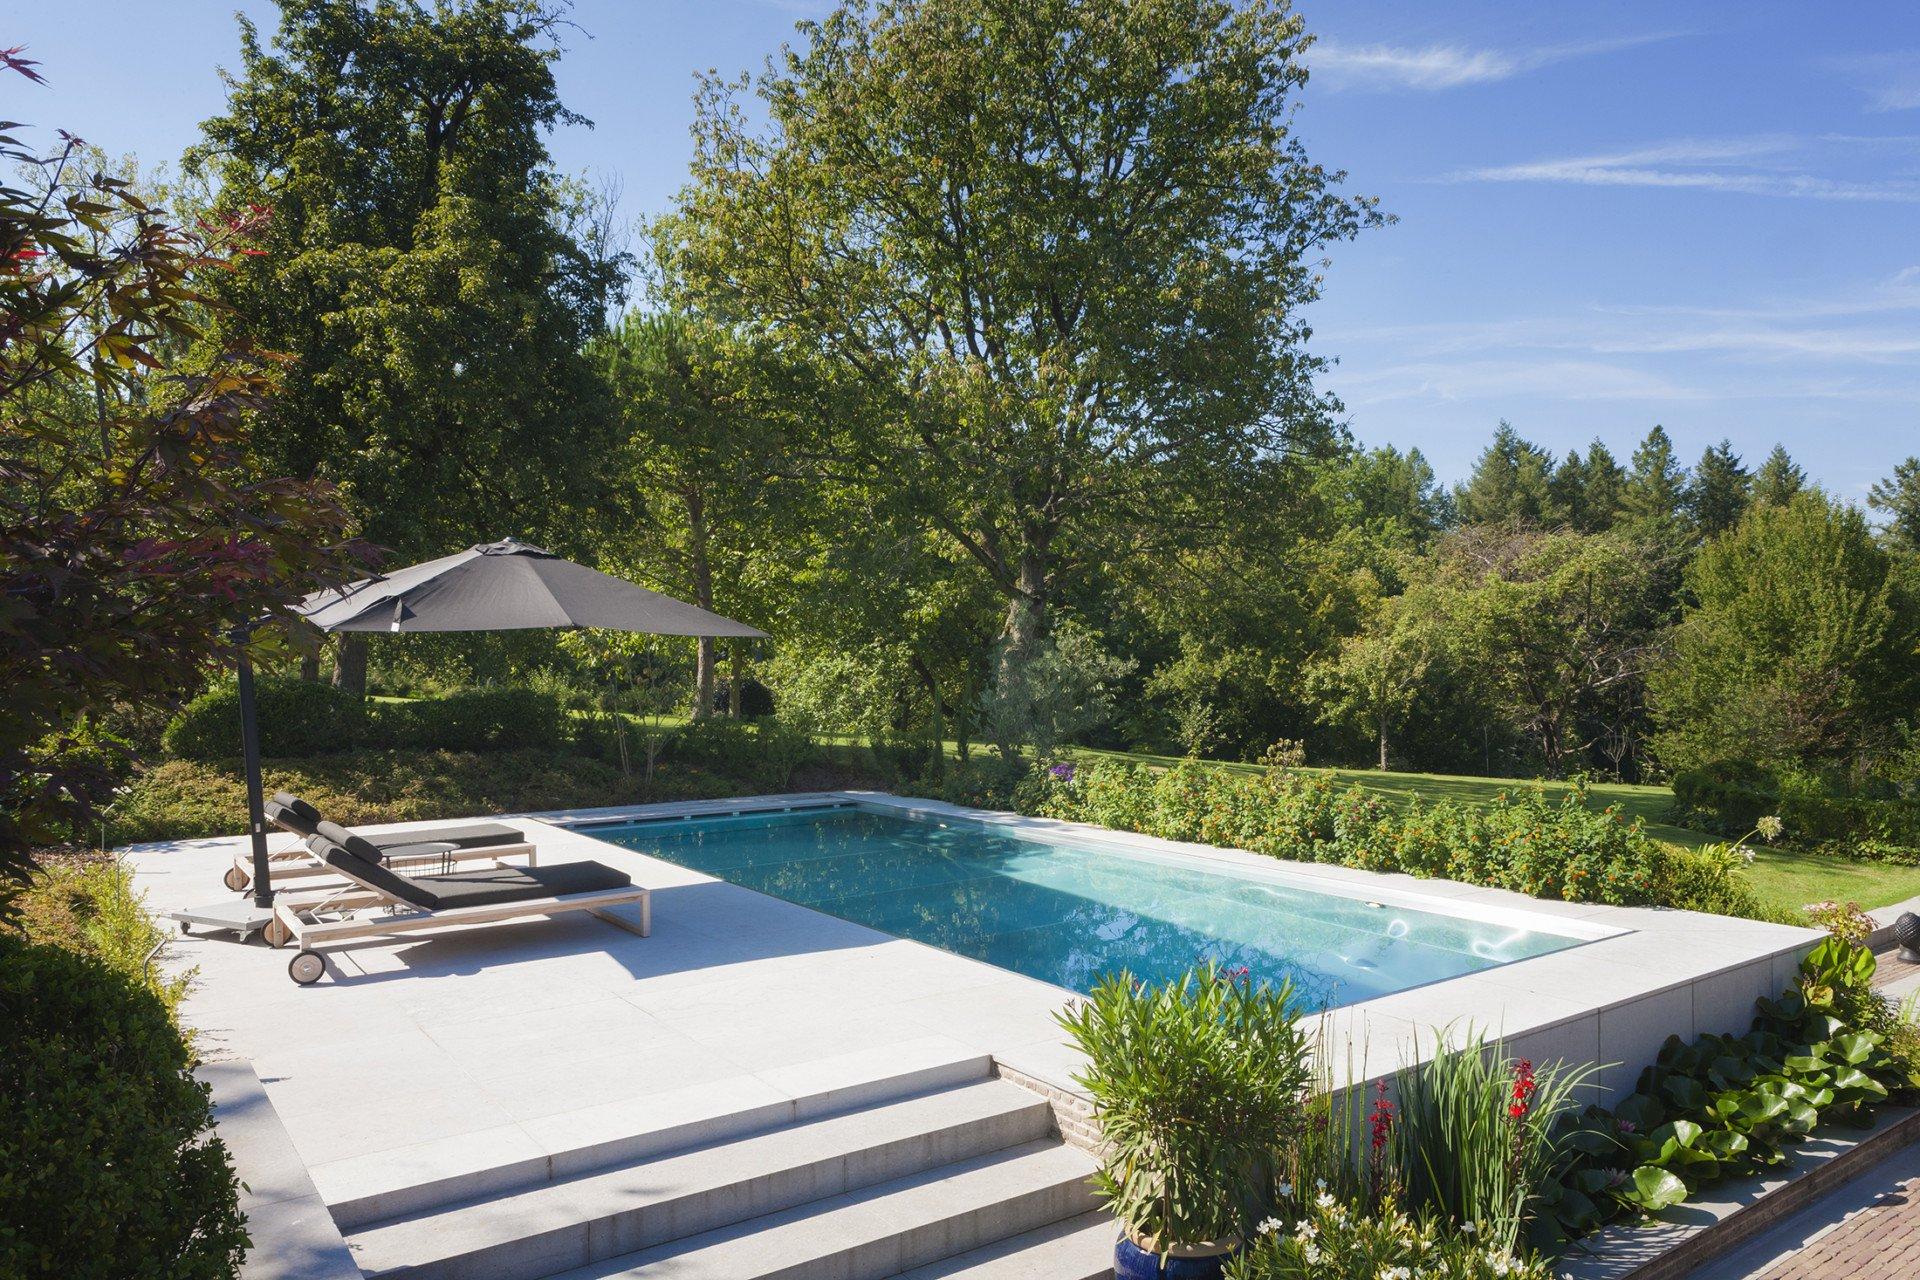 De mooiste zwembaden stelt een realisatie van Van Eeckhoudt Zwembaden voor..